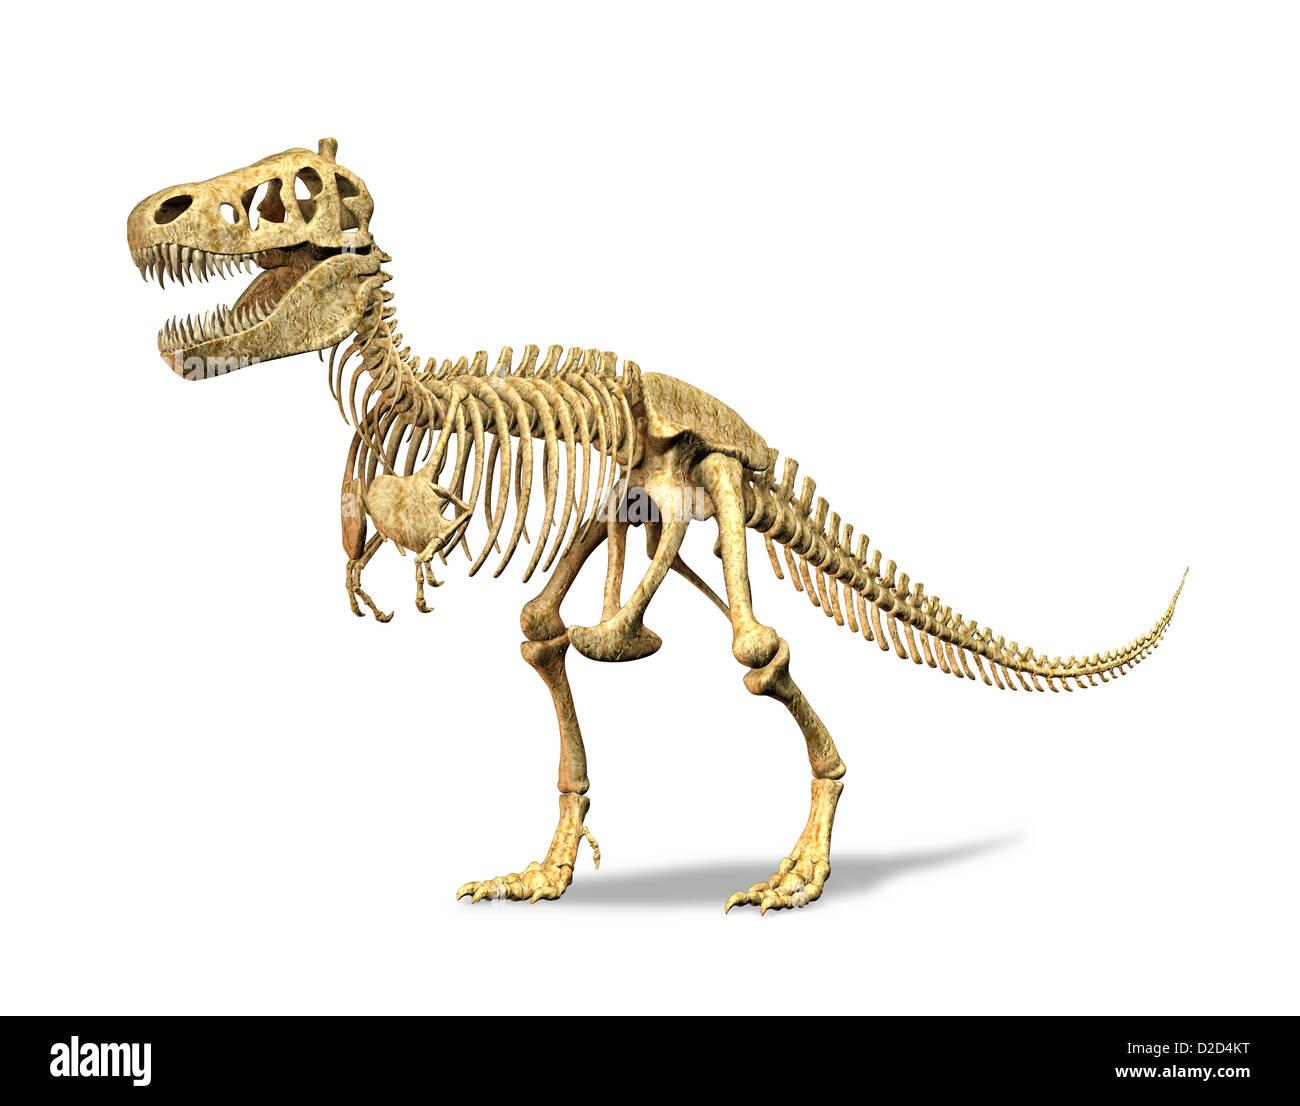 Tyrannosaurus rex skeleton T rex dinosauro carnivoro che misura 5 metri di altezza e del peso di 7 tonnellate Immagini Stock